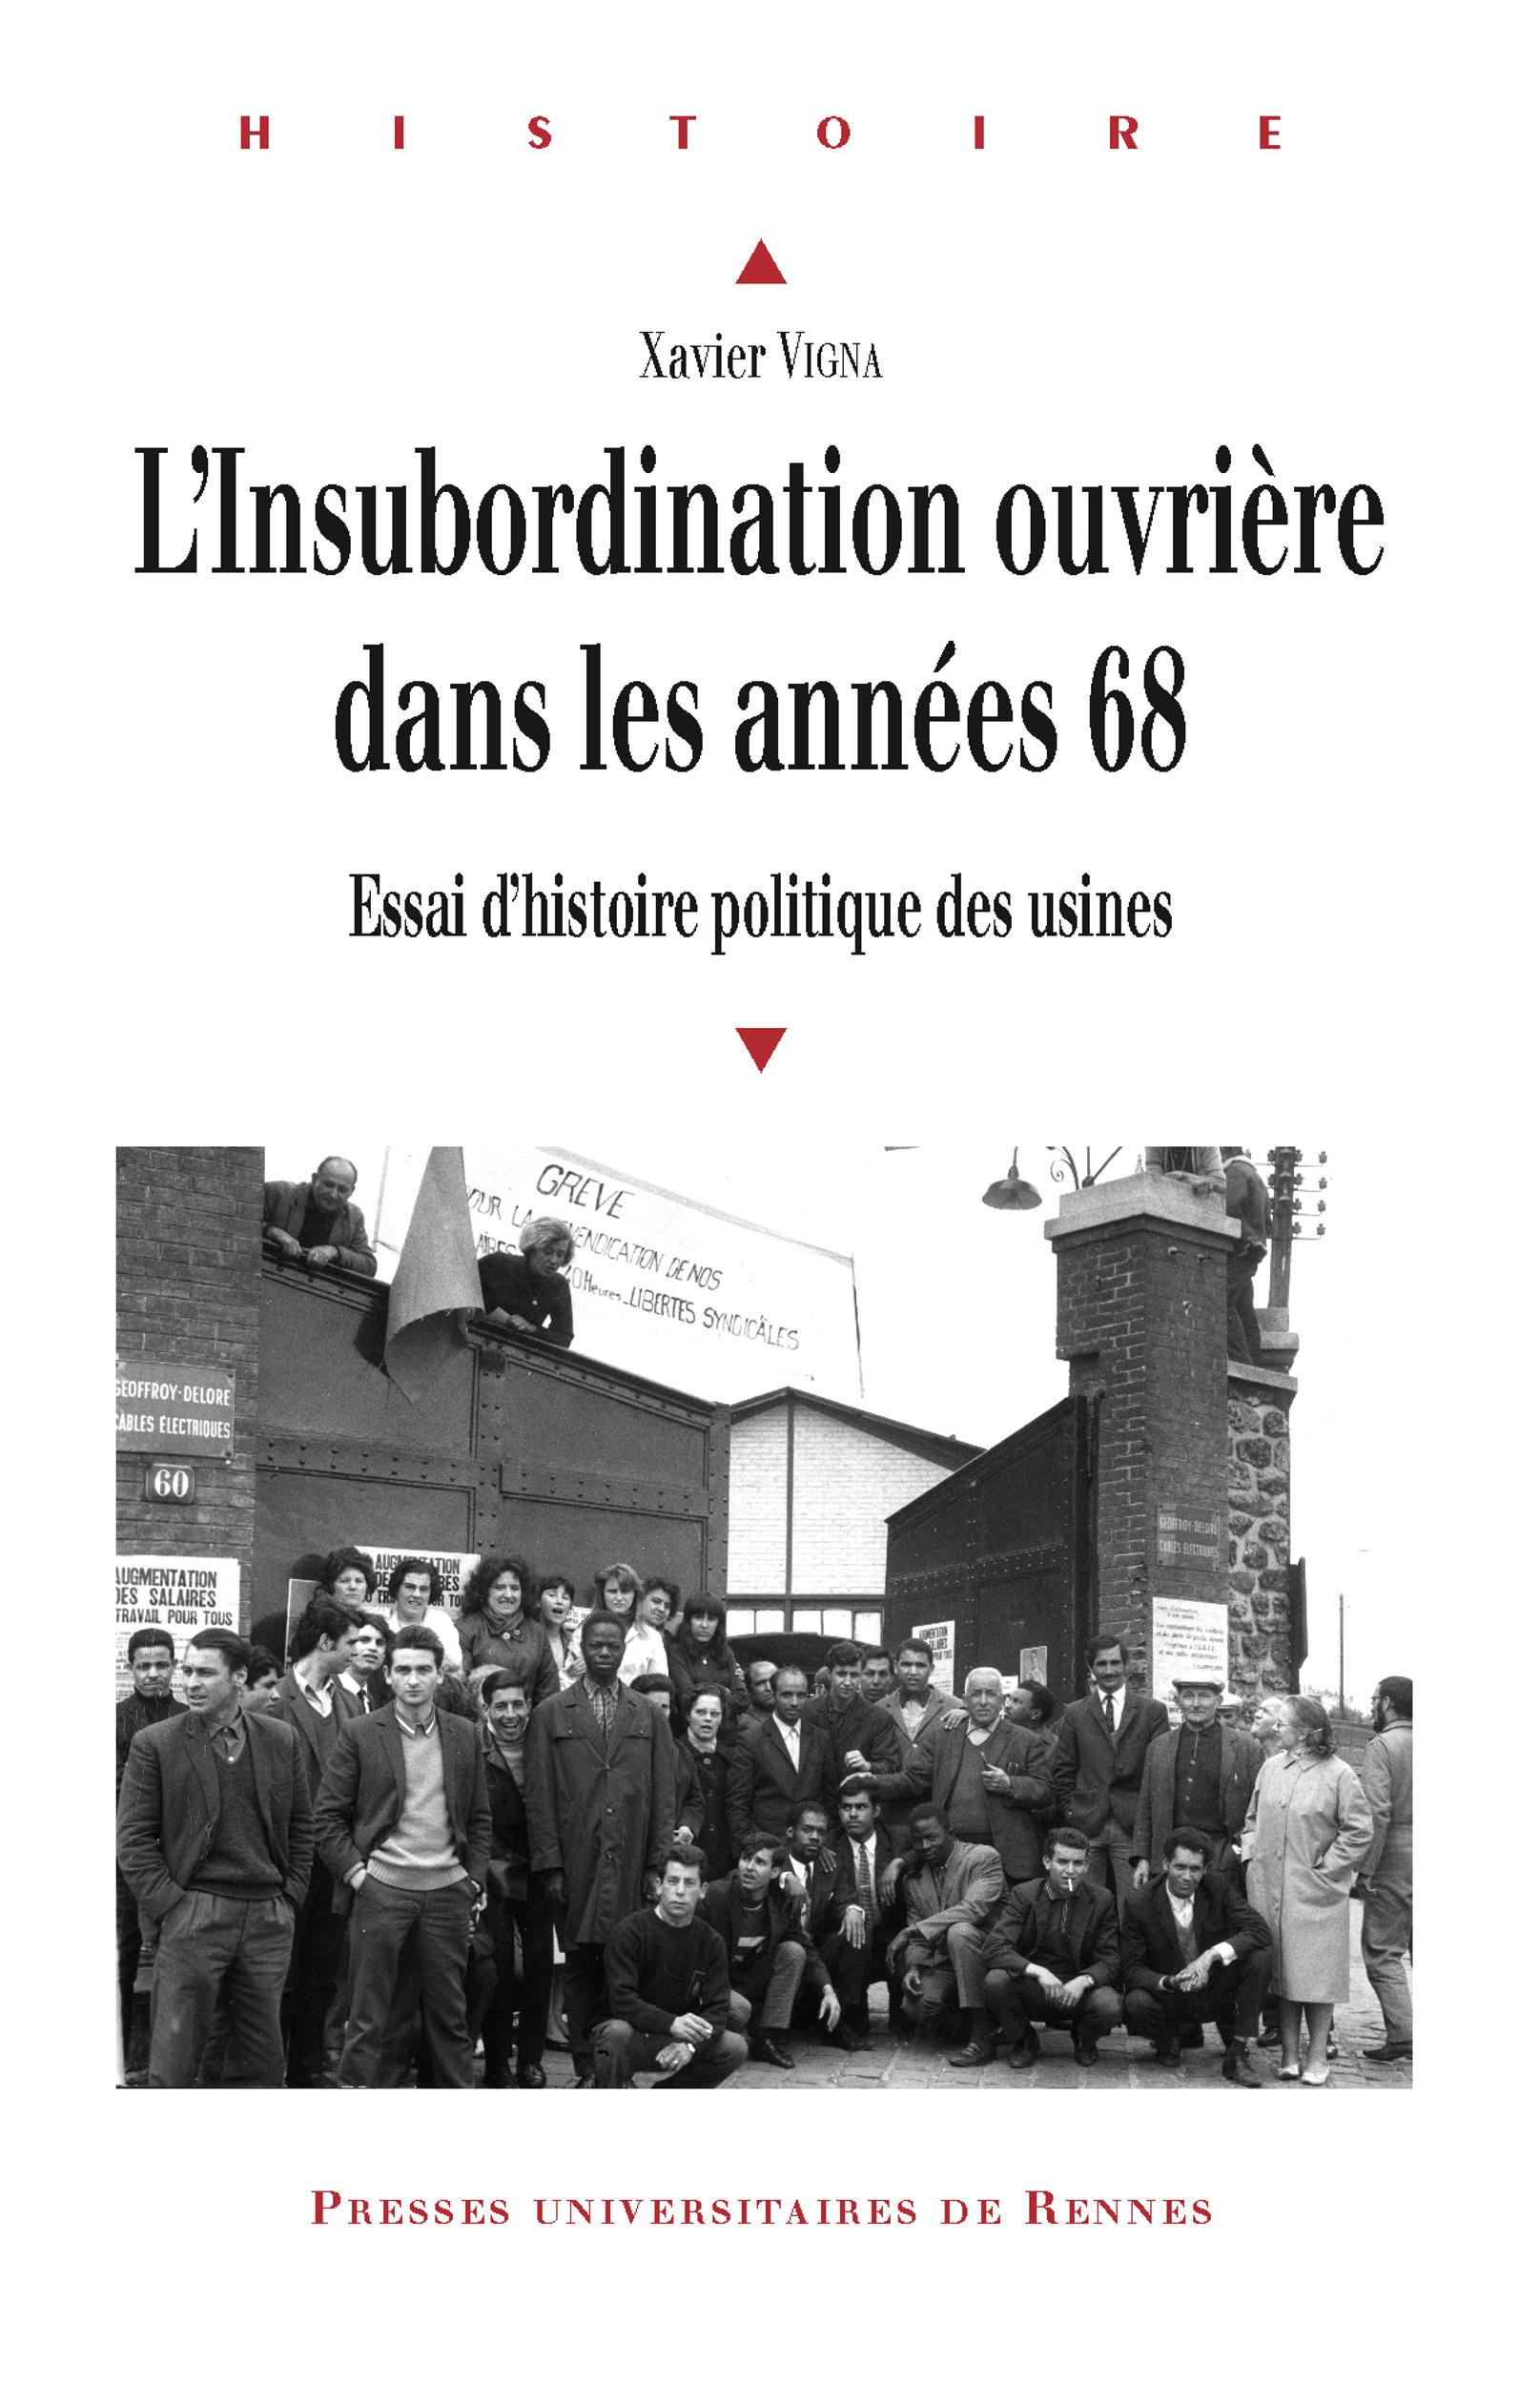 L'insubordination ouvrière dans les années 68 - Essai d'histoire politique des usines